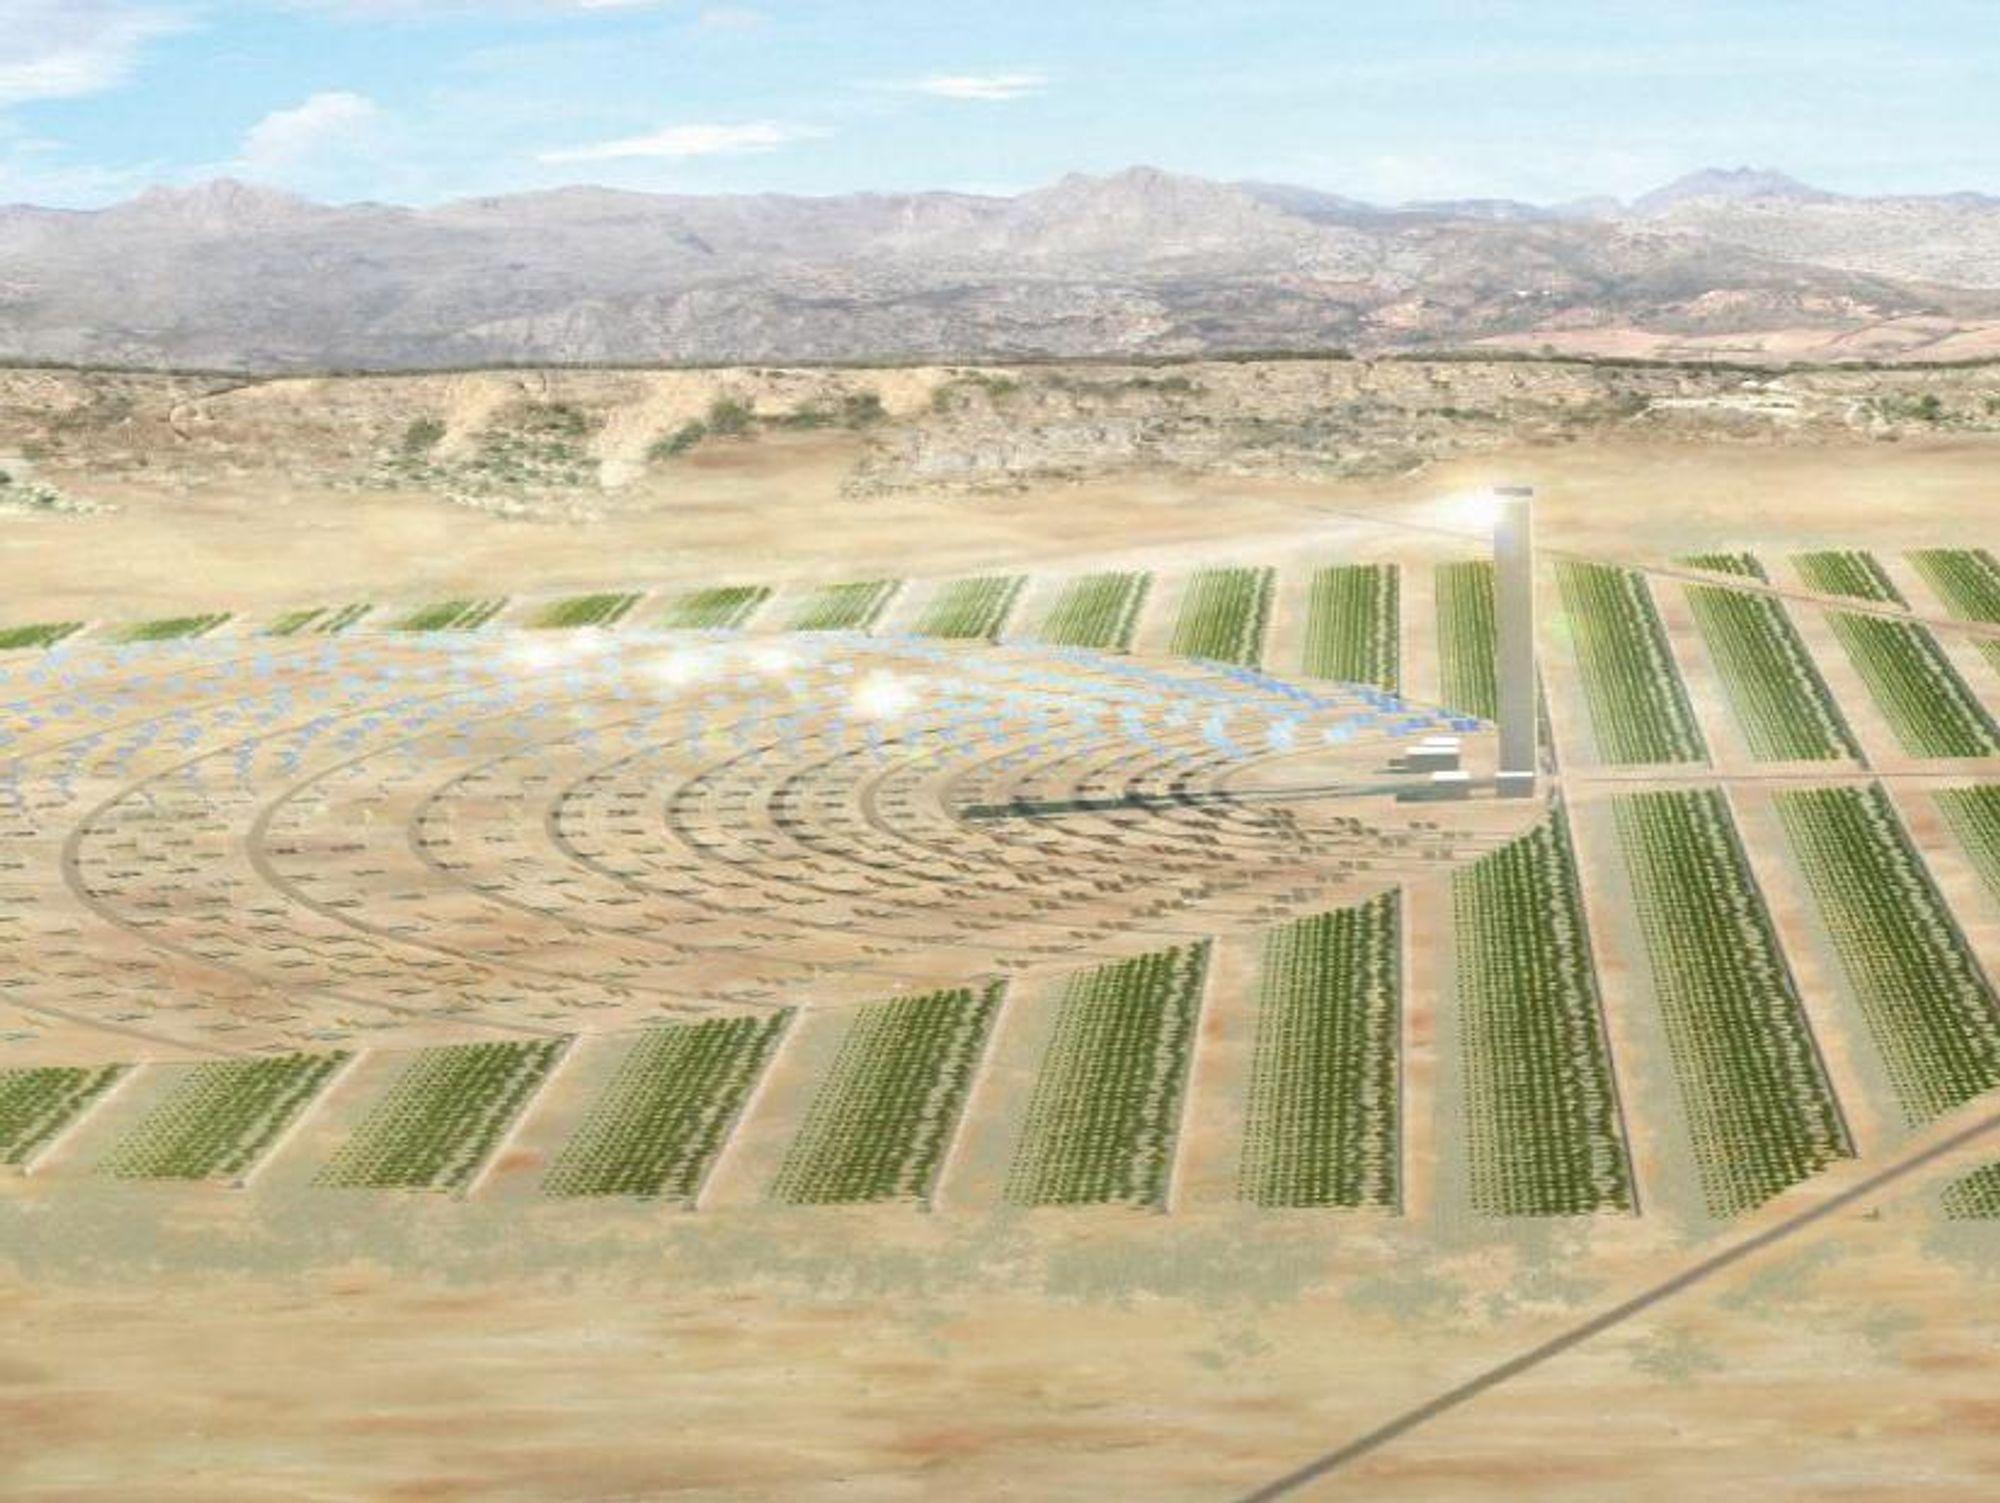 SOLENERGI: Slik ser Bellona for seg at Sahara Forest project kan se ut. Prosjektet skaper energi ved konsentrert solkraft. Dermed kan man hente sjøvann til avsalting og skape en grønn oase hvor man dyrker mat og alger til biodrivstoff, samt planter trær i omgivelsene.